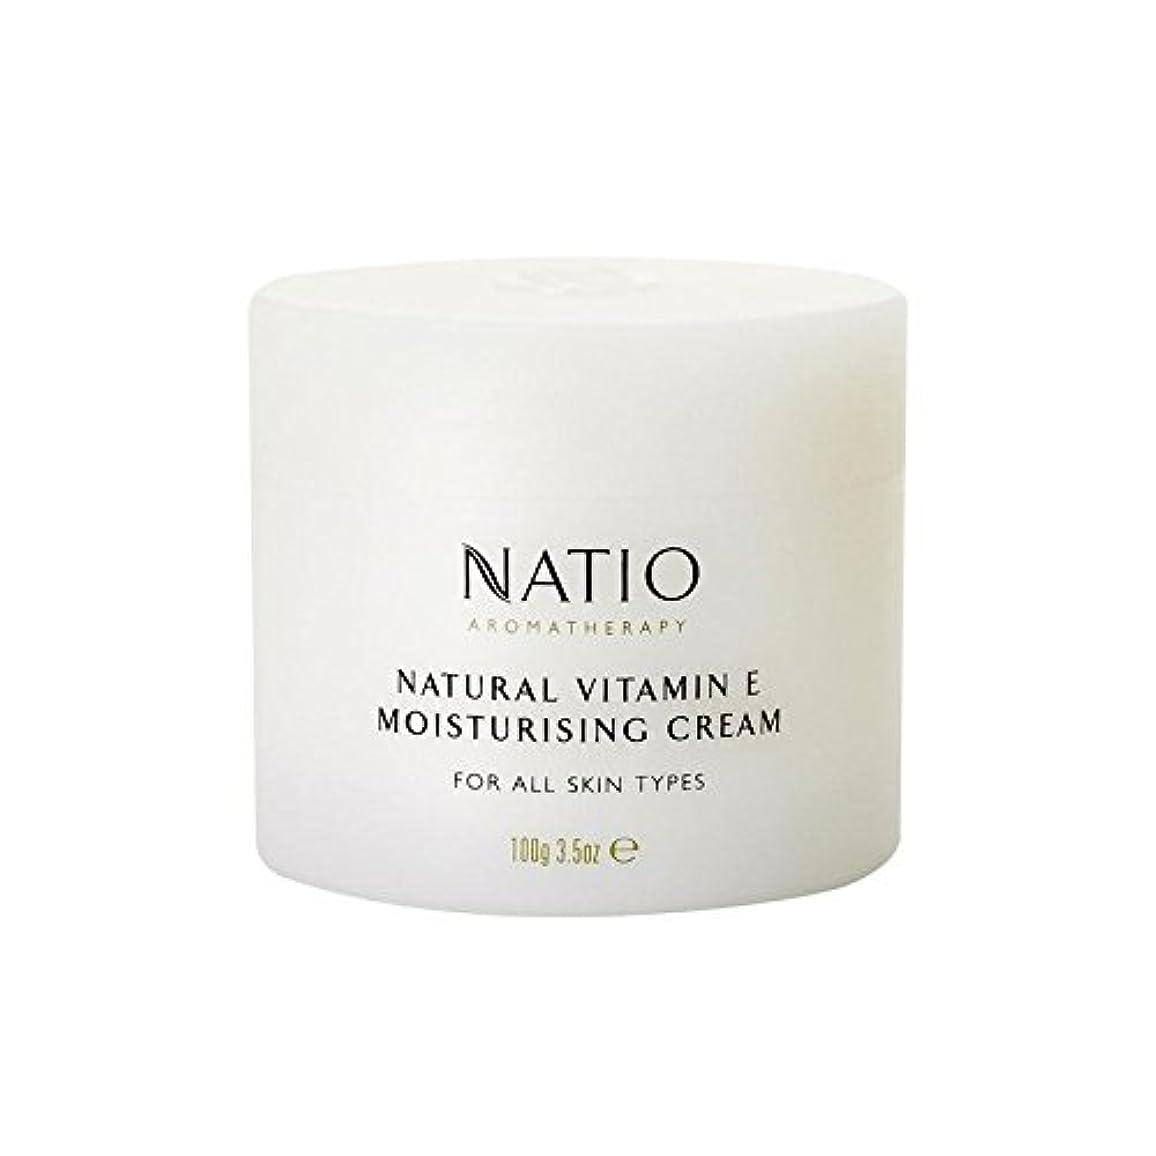 花婿スラム街薬用[Natio] Natio天然ビタミンEの保湿クリーム(100グラム) - Natio Natural Vitamin E Moisturising Cream (100G) [並行輸入品]